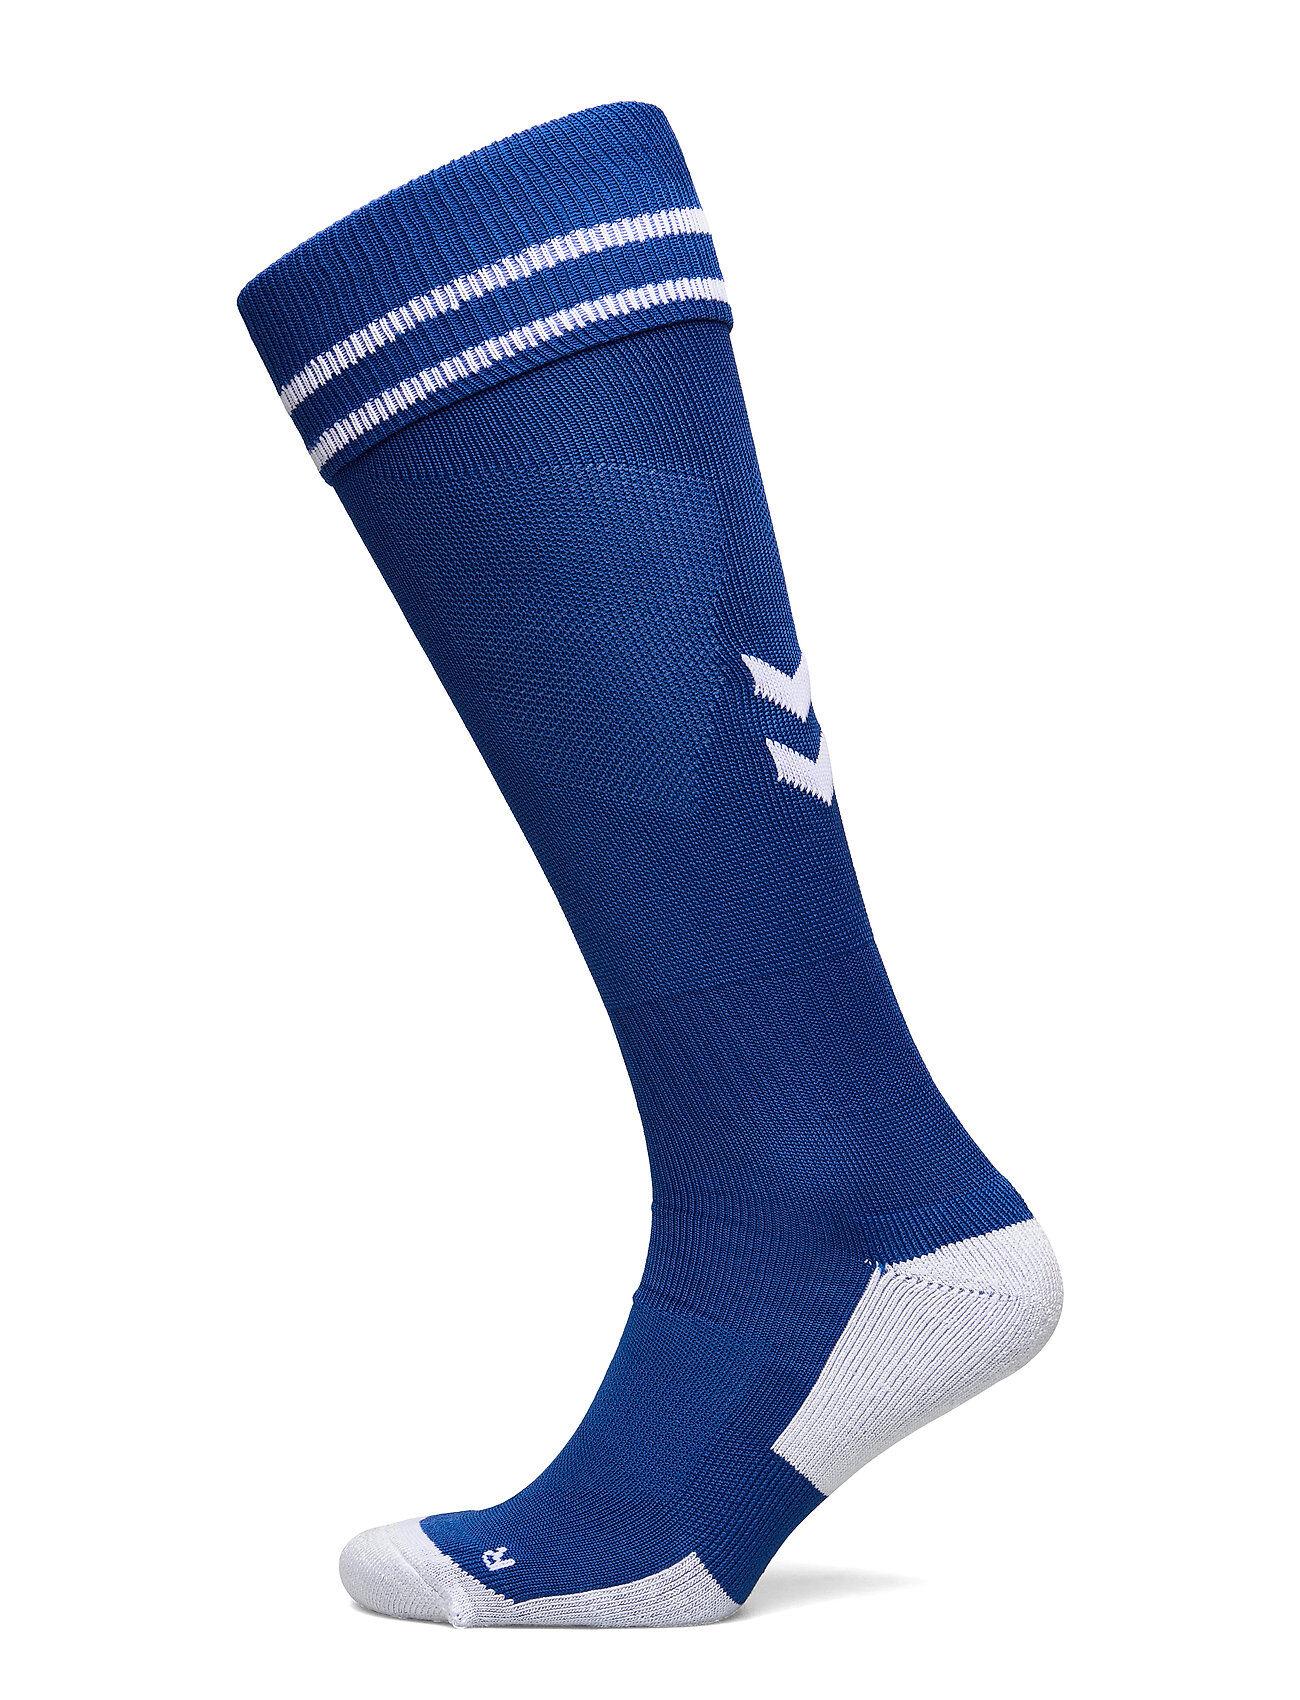 Hummel Element Football Sock Underwear Socks Football Socks Blå Hummel